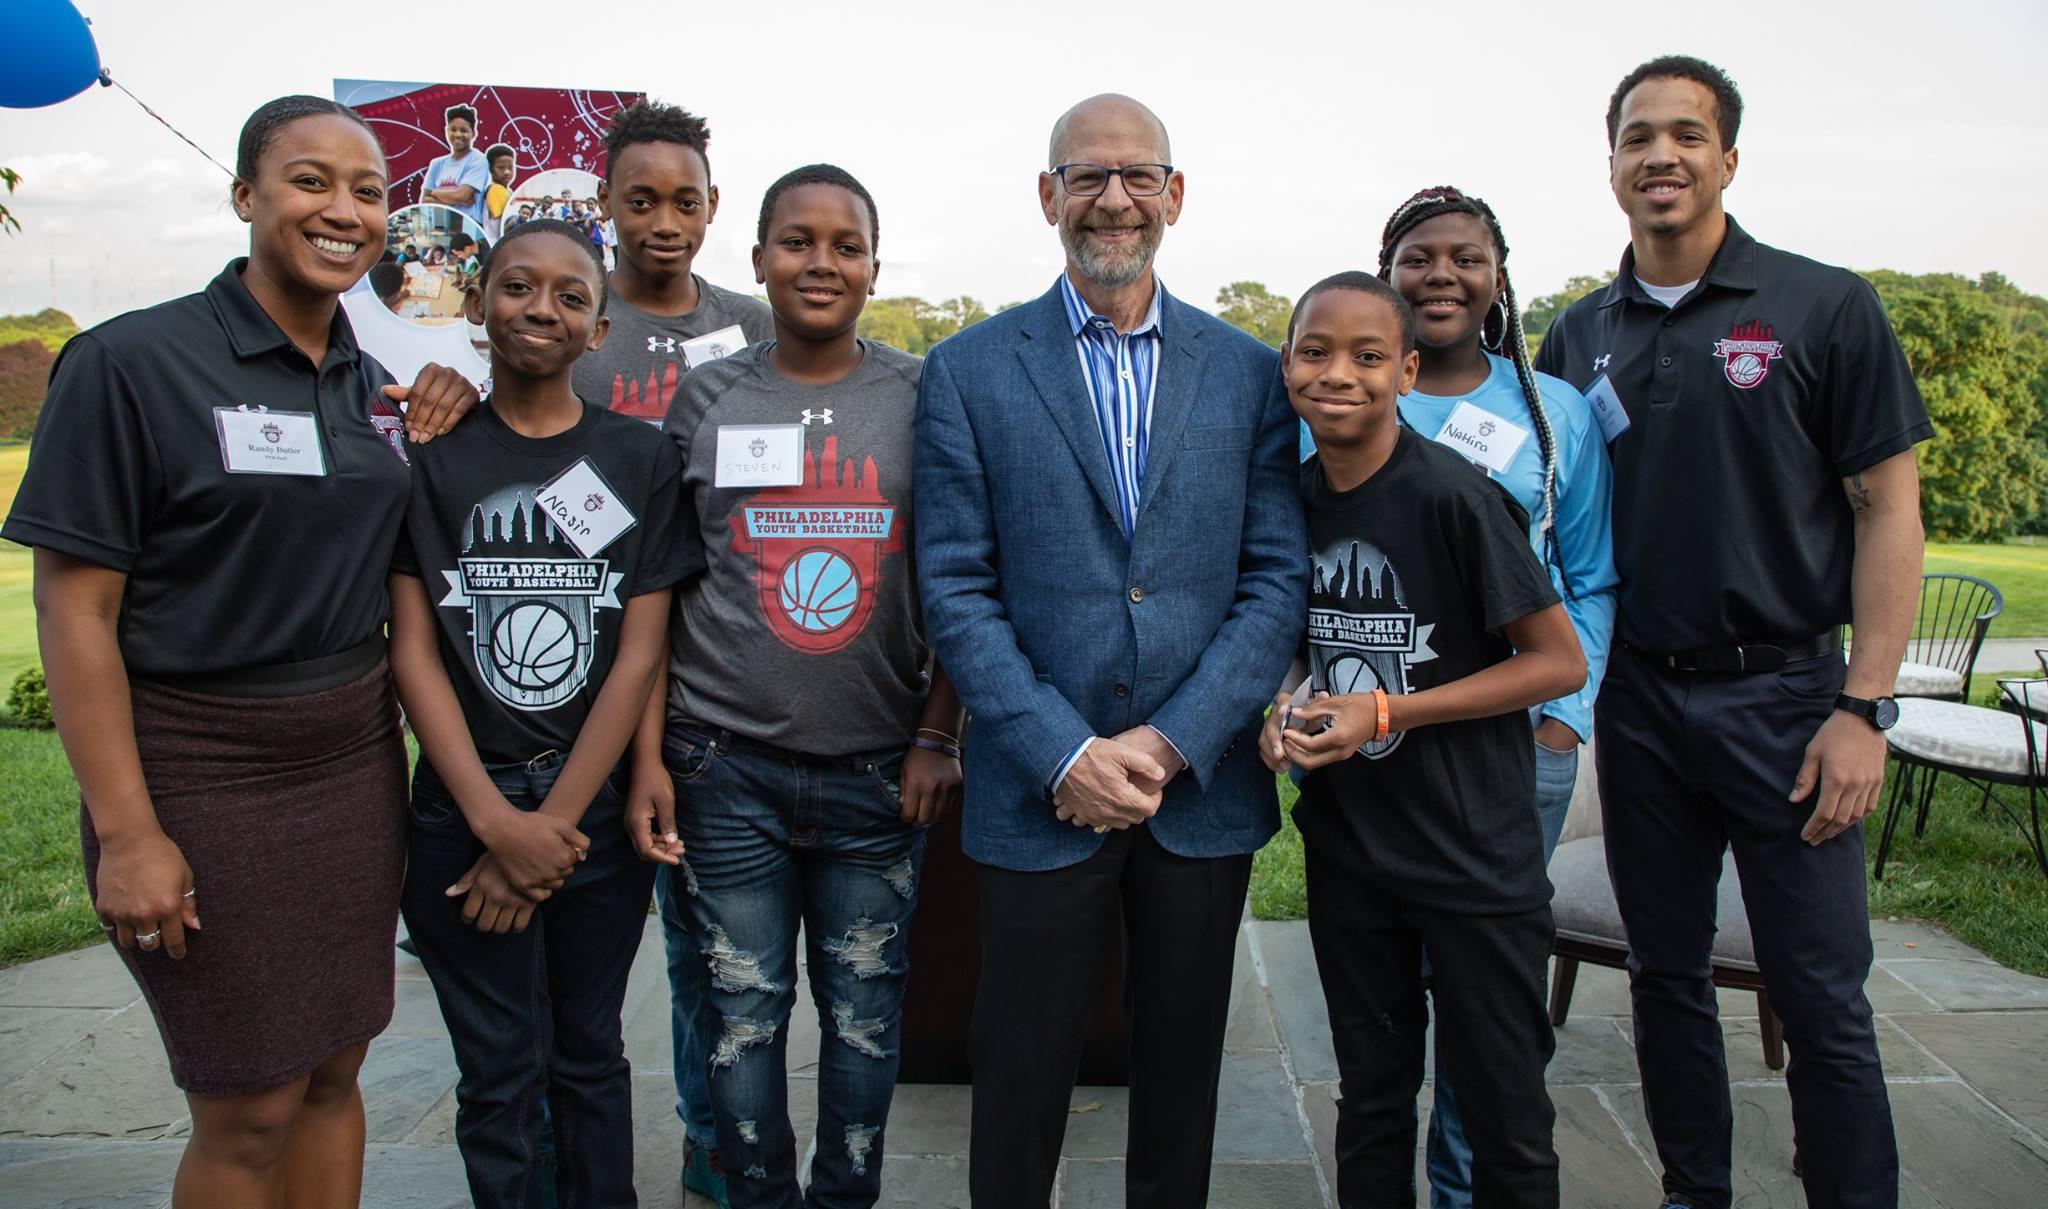 GAME TIME GALA | Philadelphia Youth Basketball